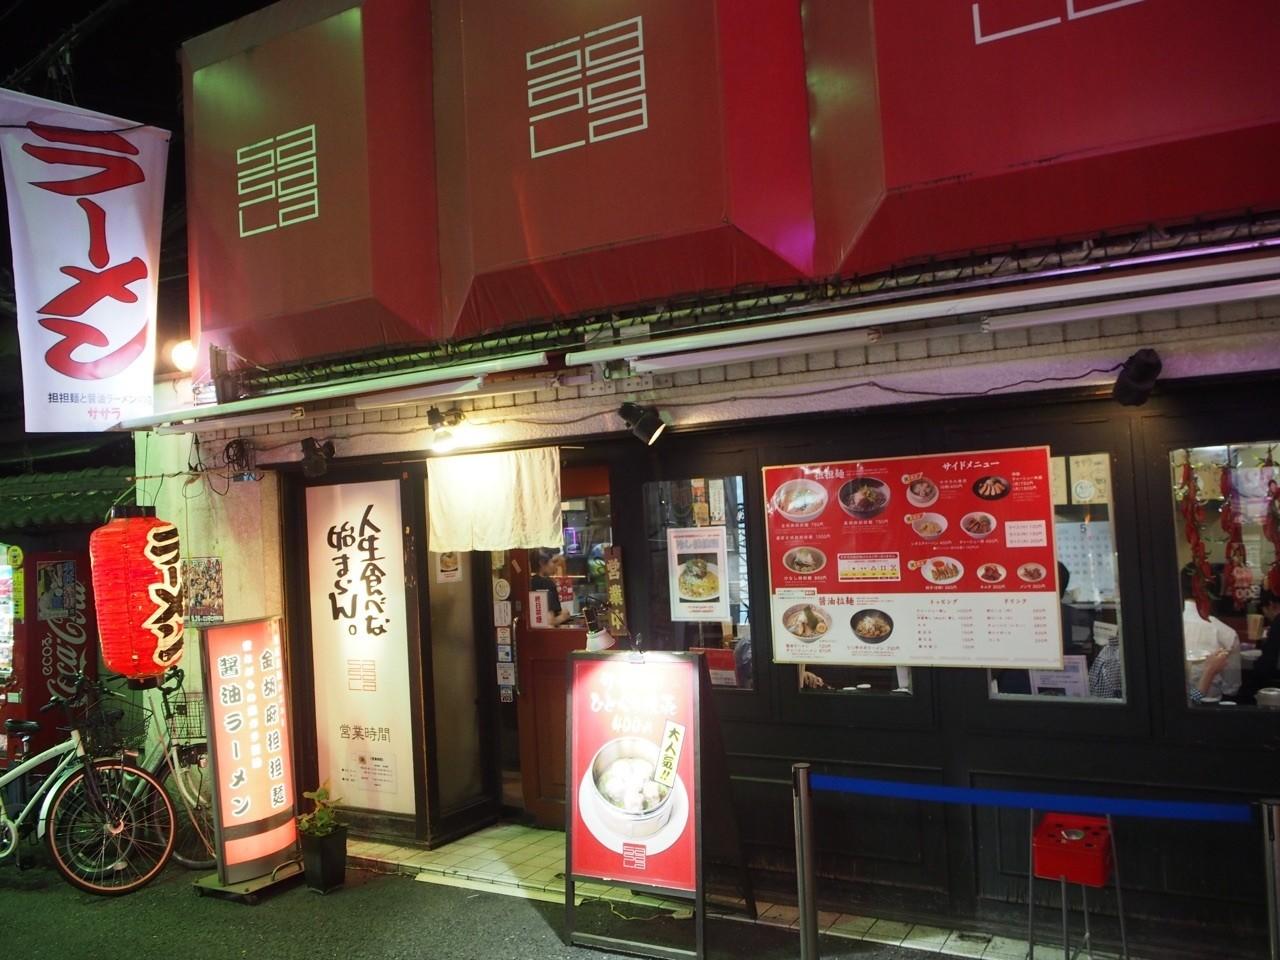 京橋SASARA